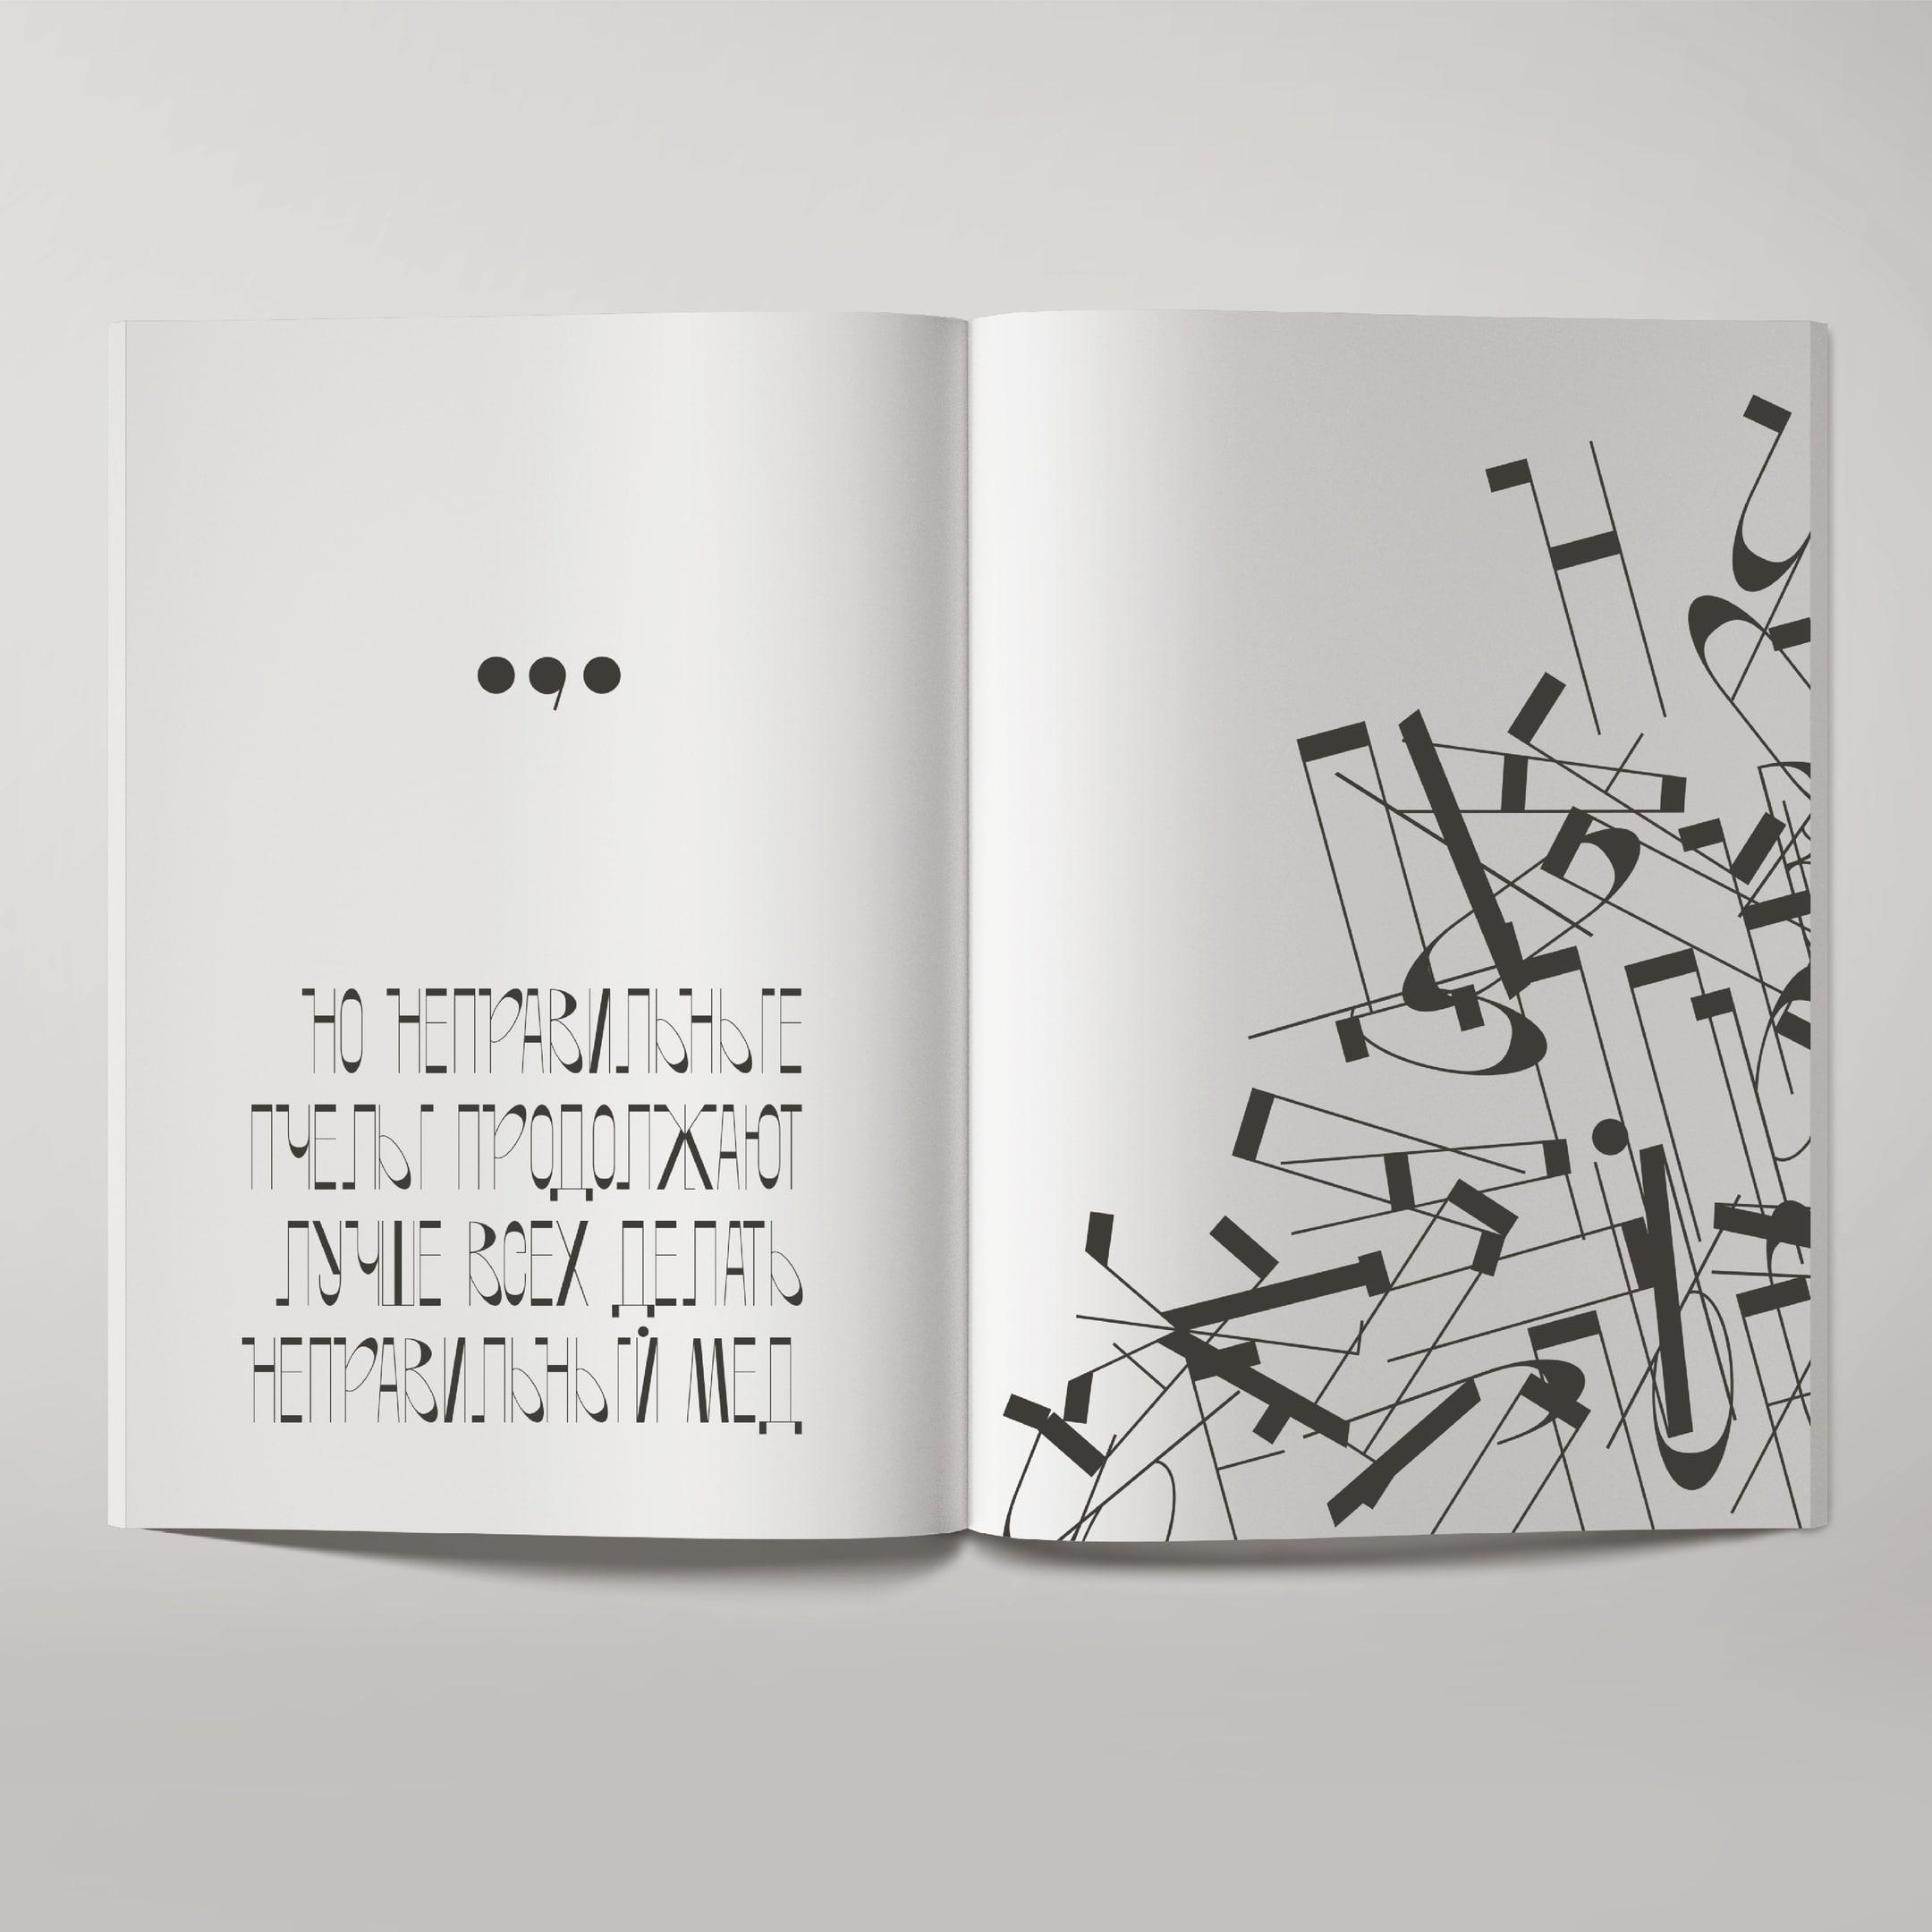 Подборка бесплатных шрифтов кириллица. Часть 1